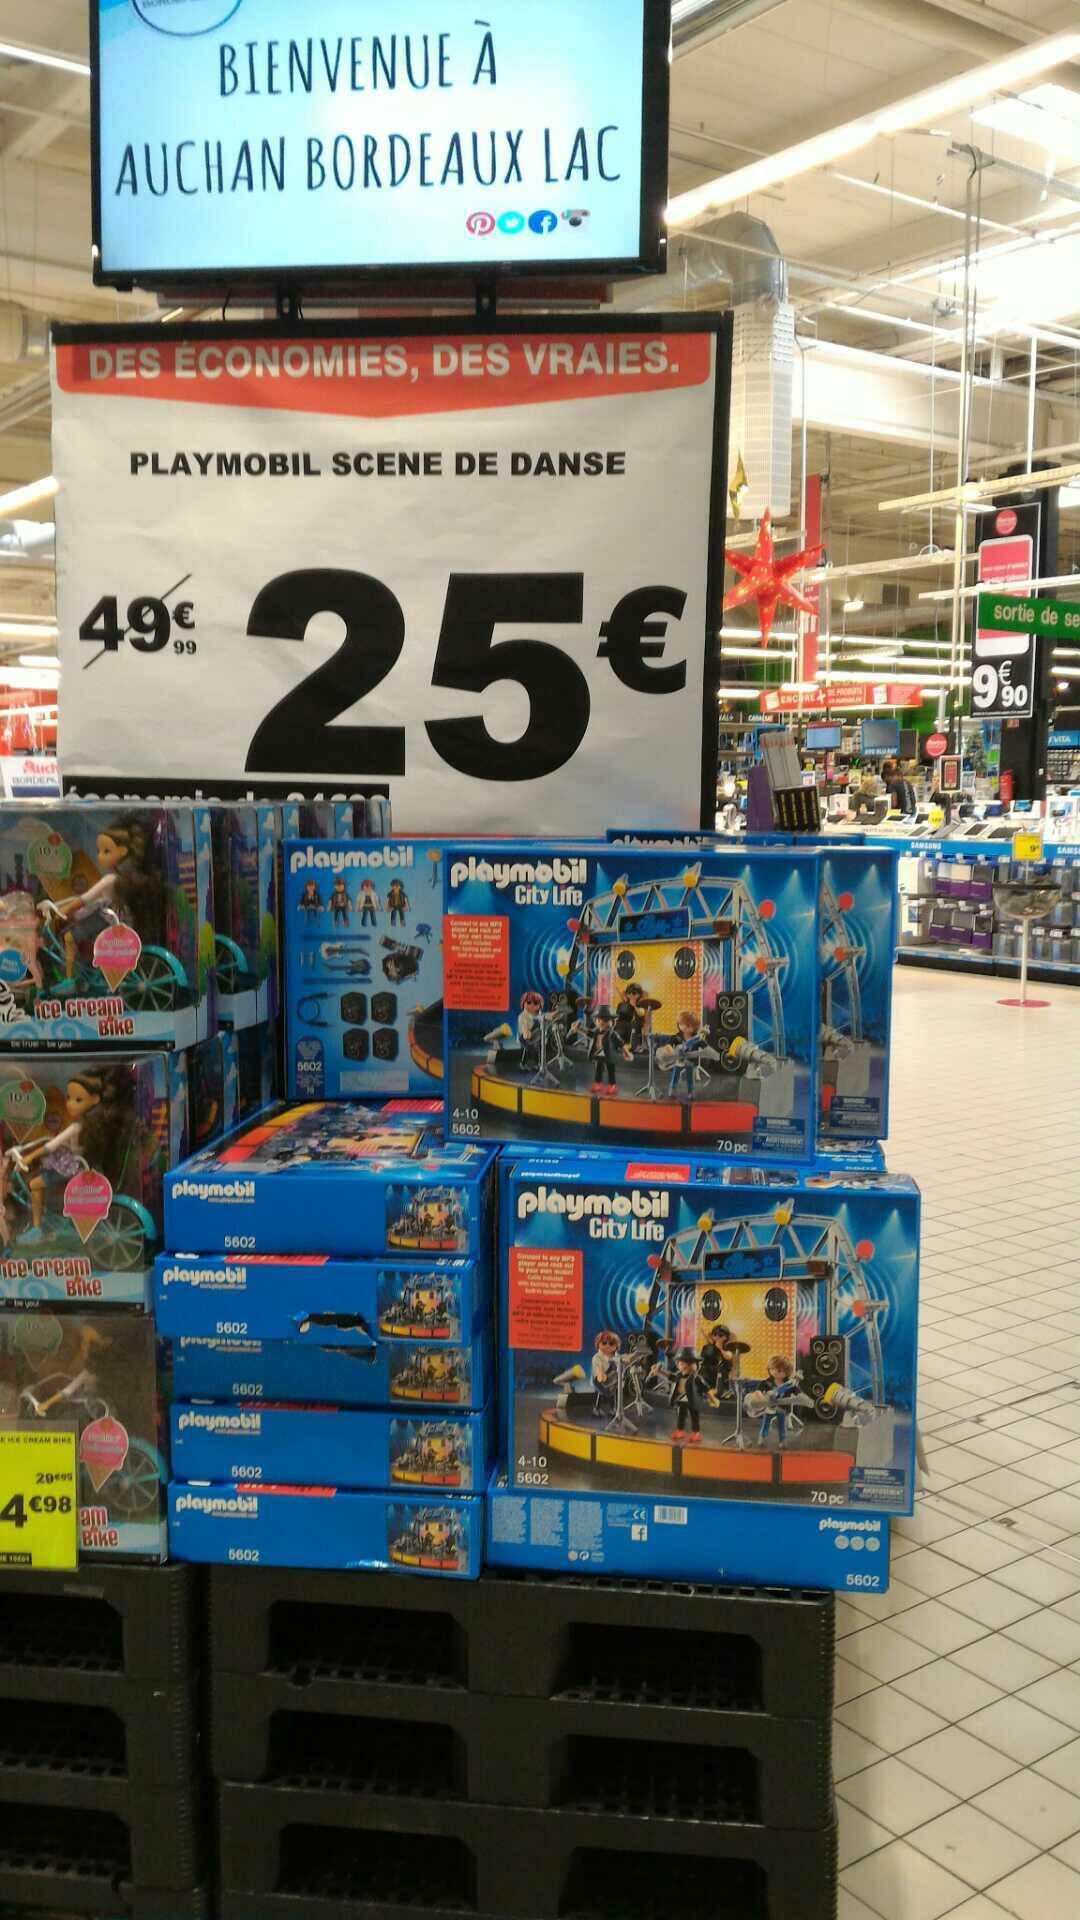 Playmobil 5266 Club enfants avec piste de danse